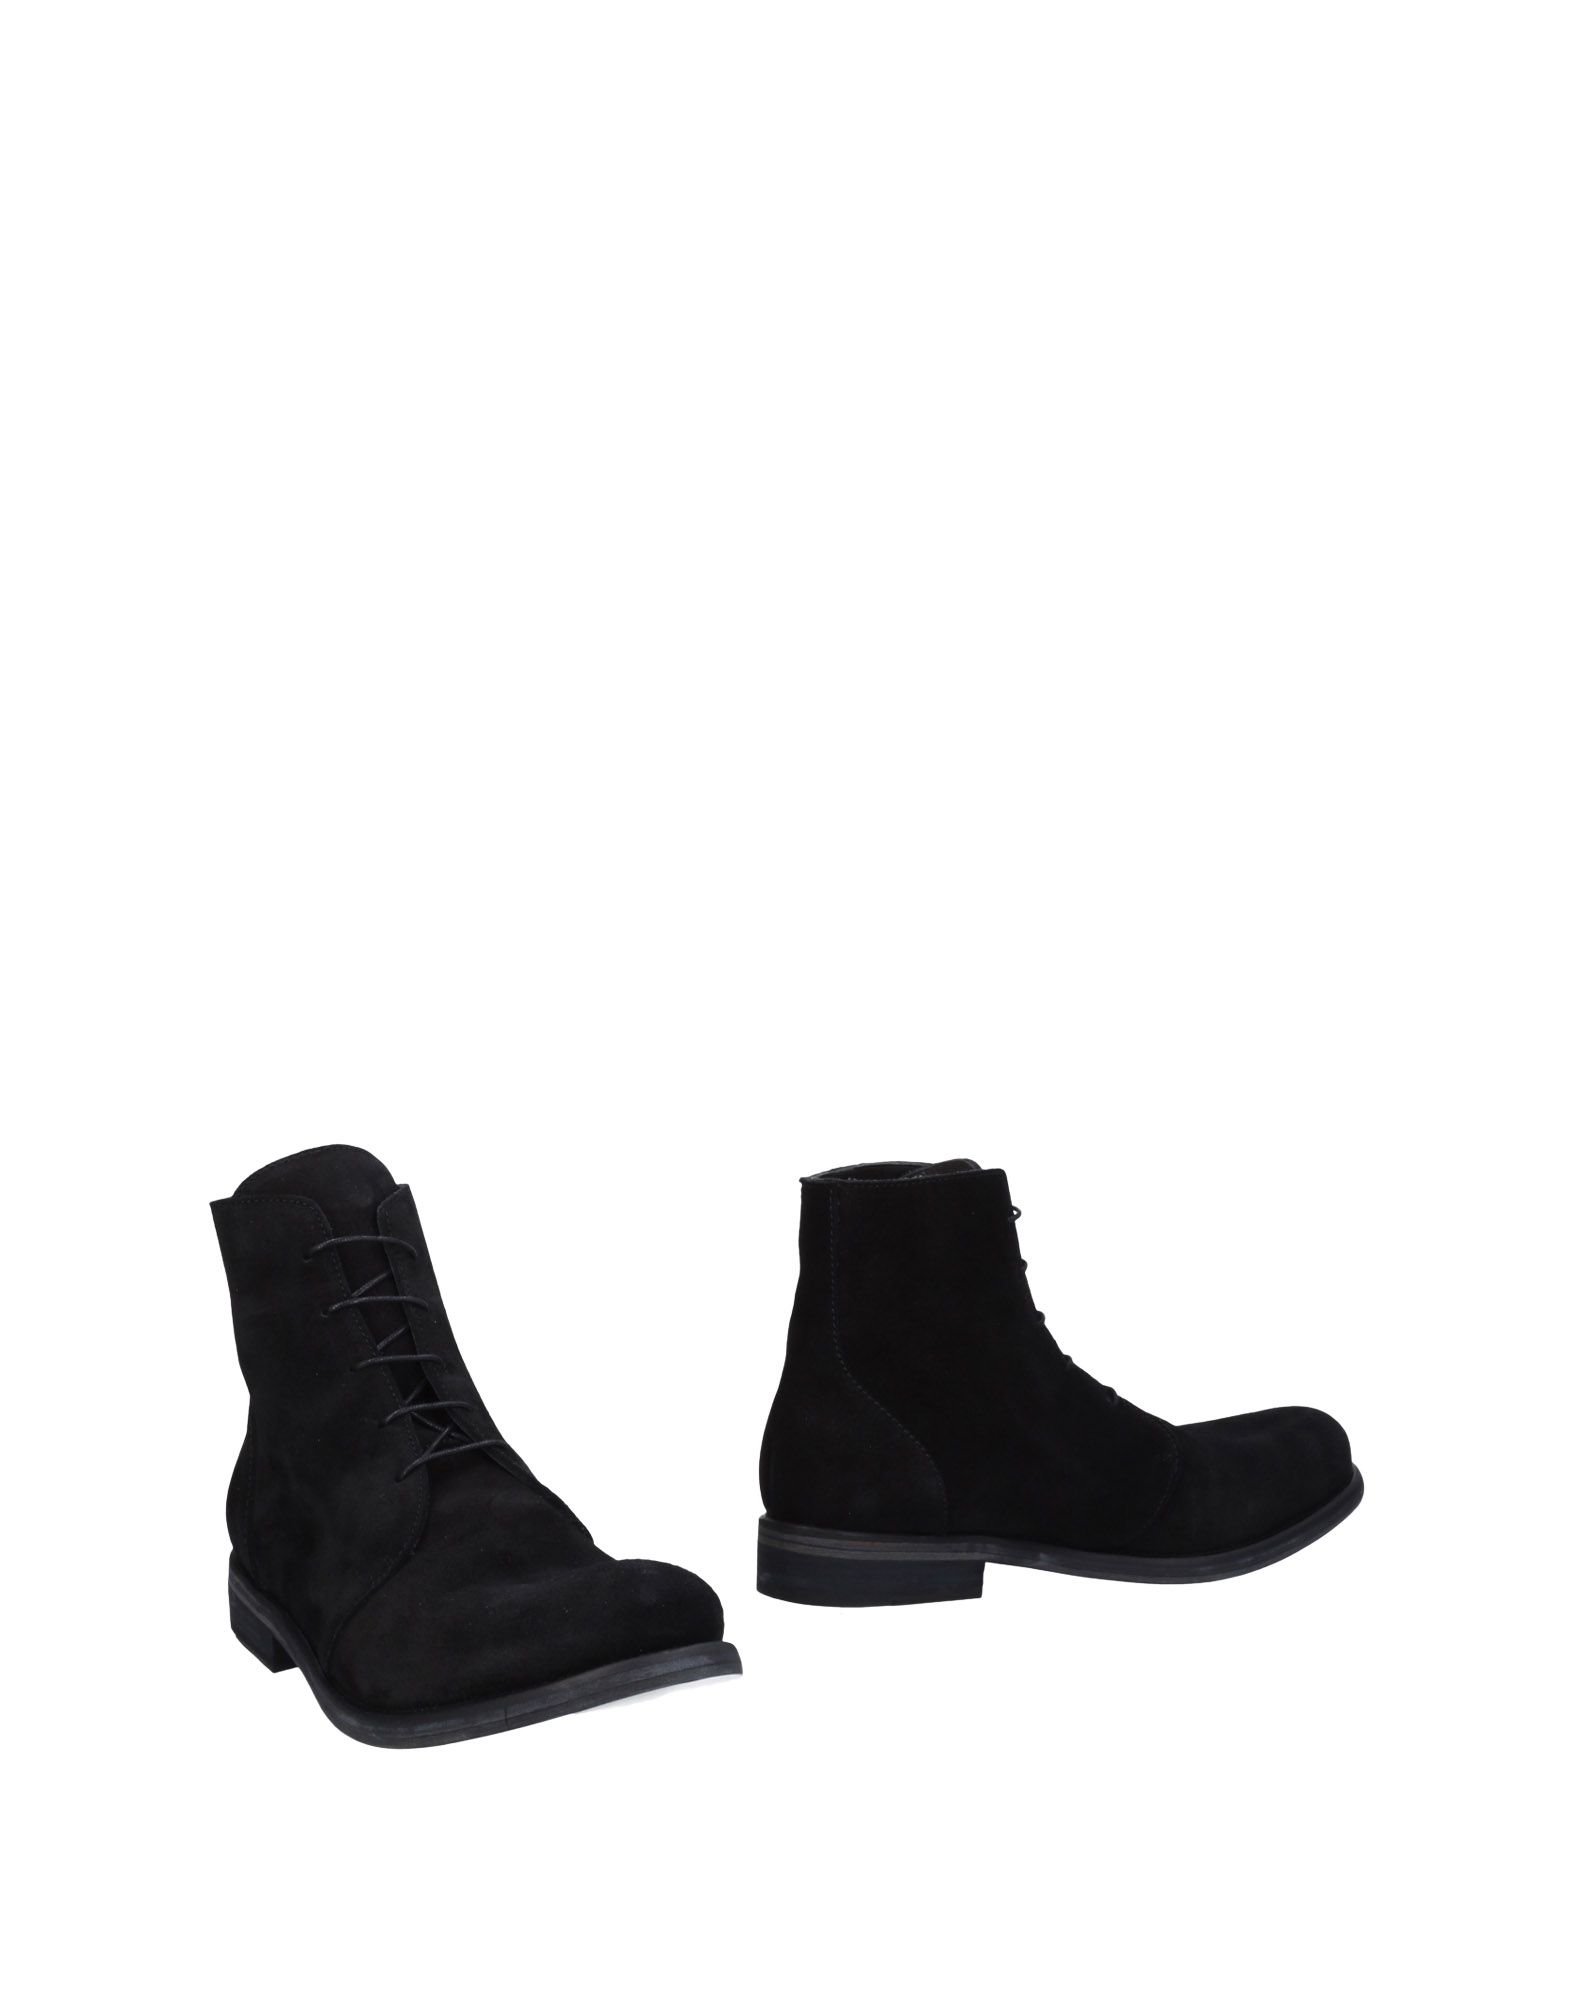 Nostrasantissima Boots Boots - Men Nostrasantissima Boots Nostrasantissima online on  Canada - 11458928RA 7b8a55